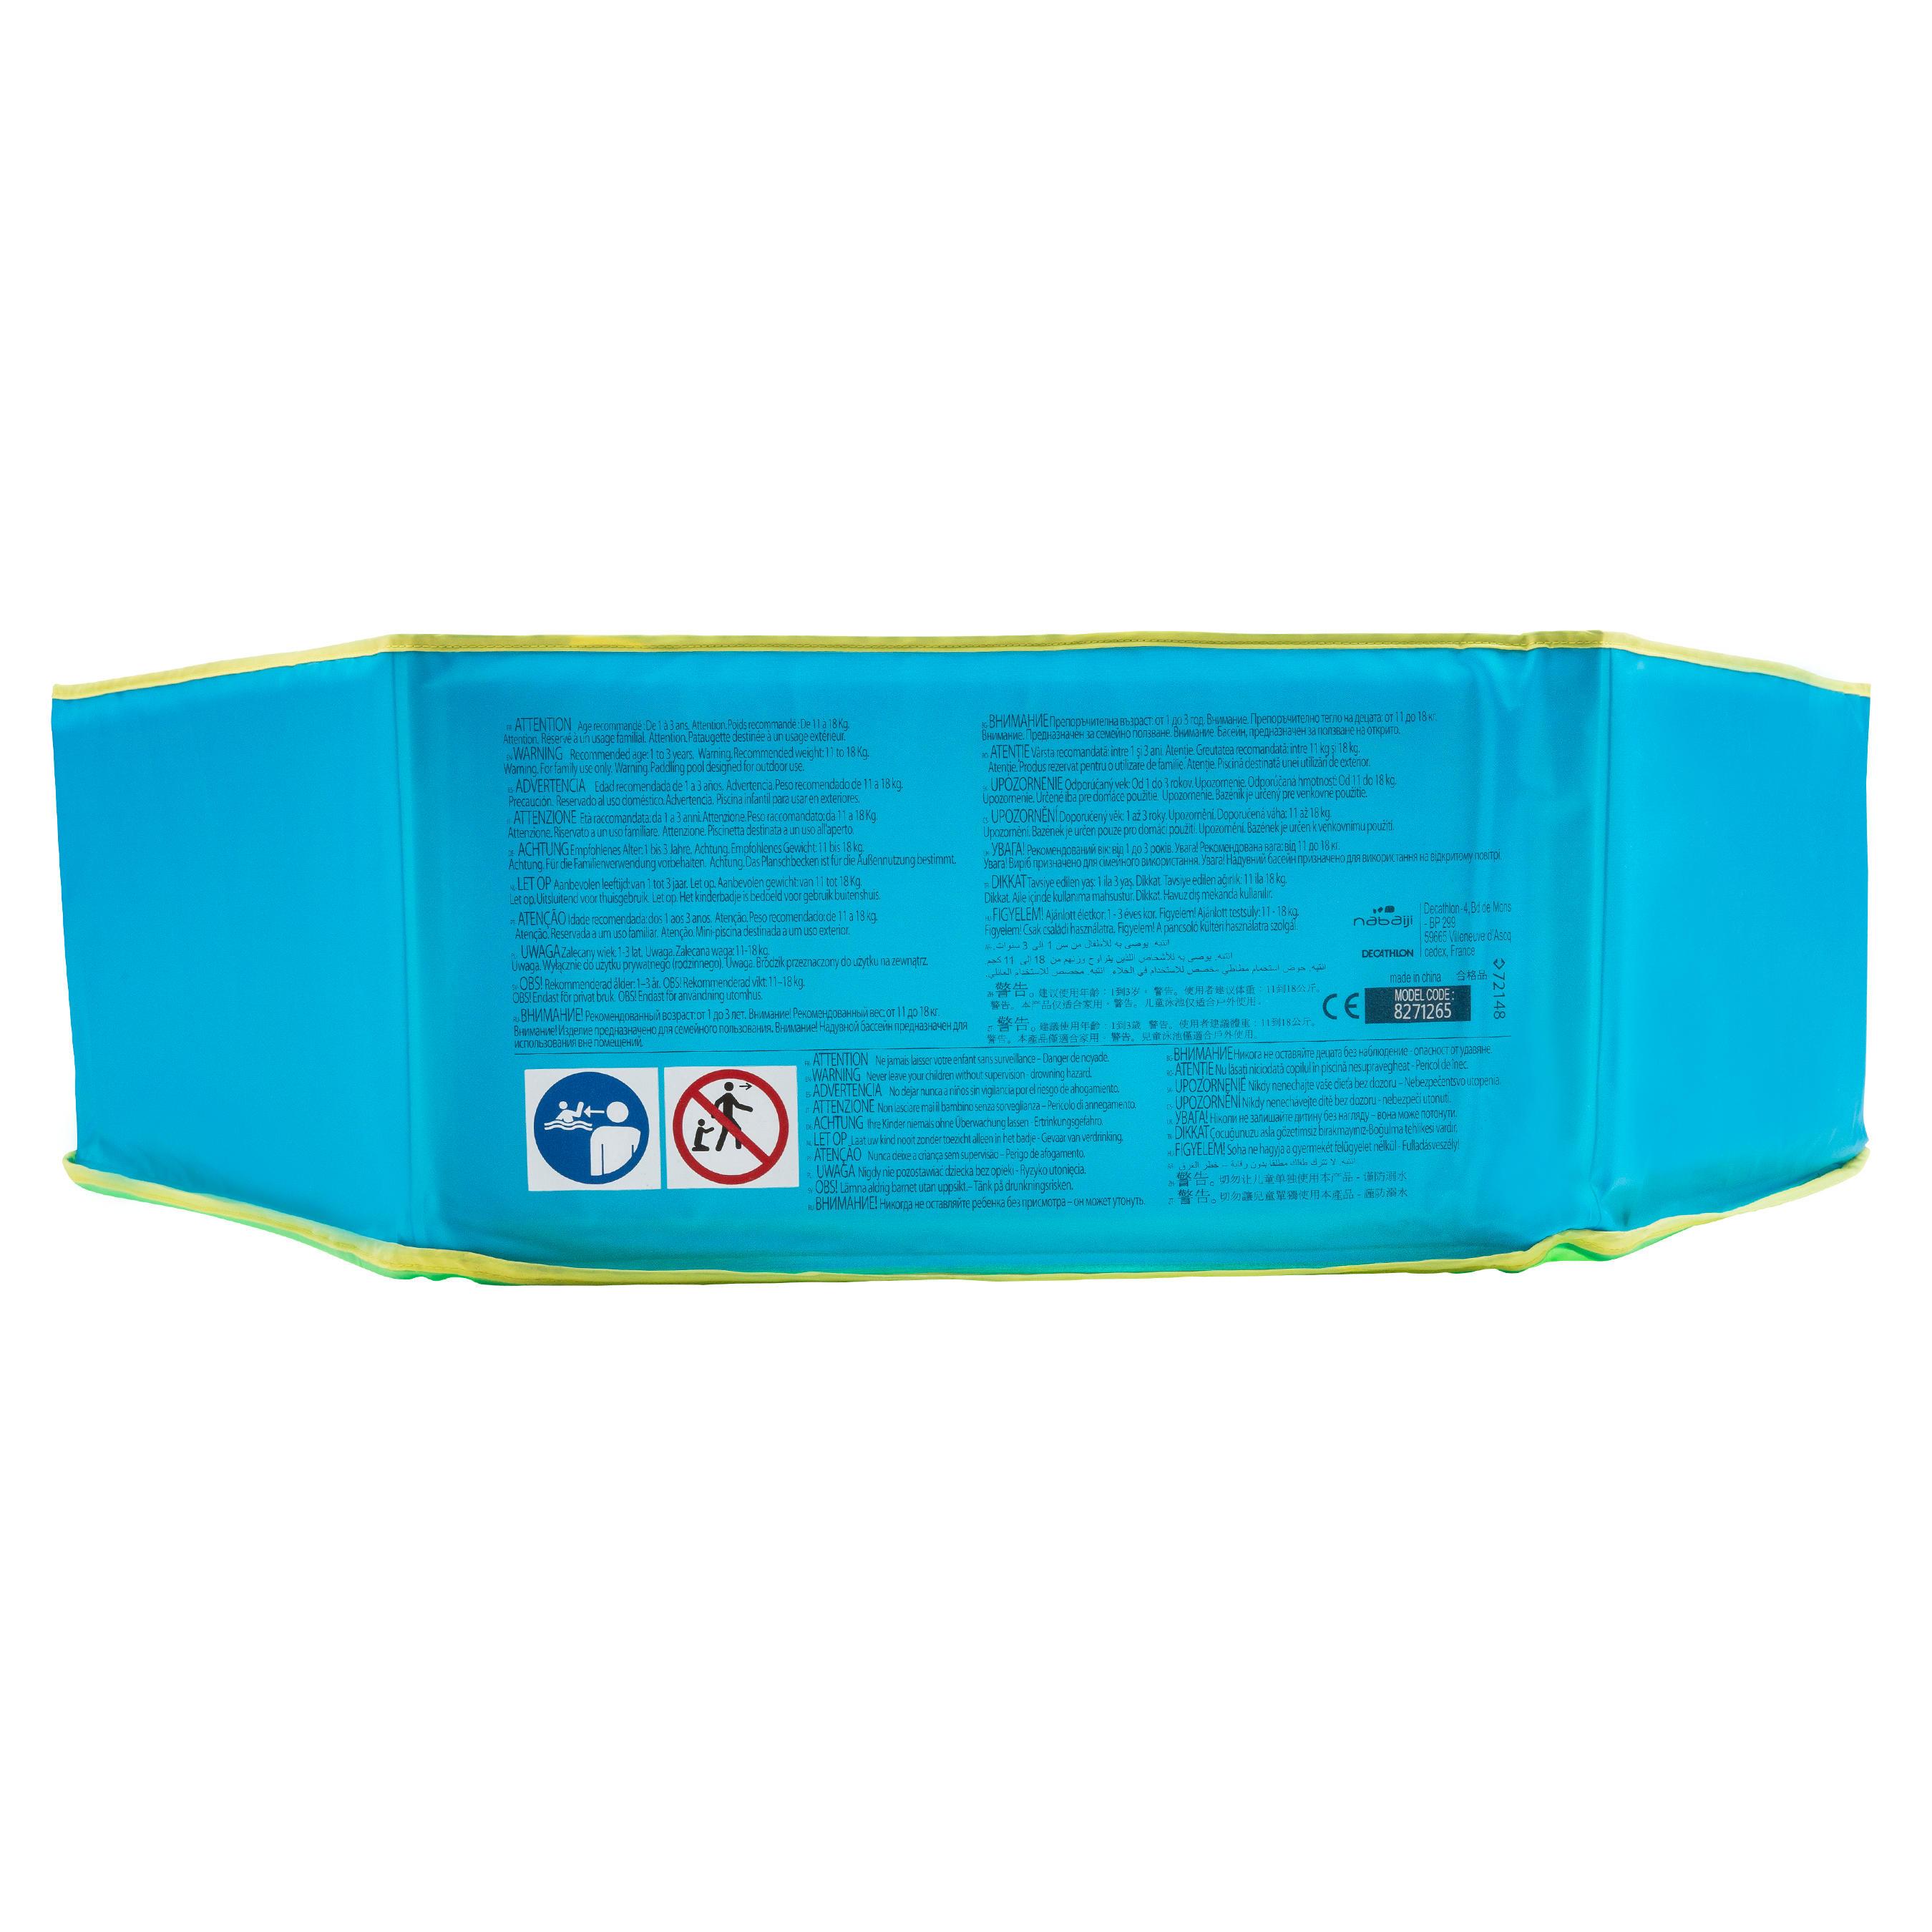 Petite piscine Tidipool bleue 88,5 cm de diamètre avec sac de rangement étanche